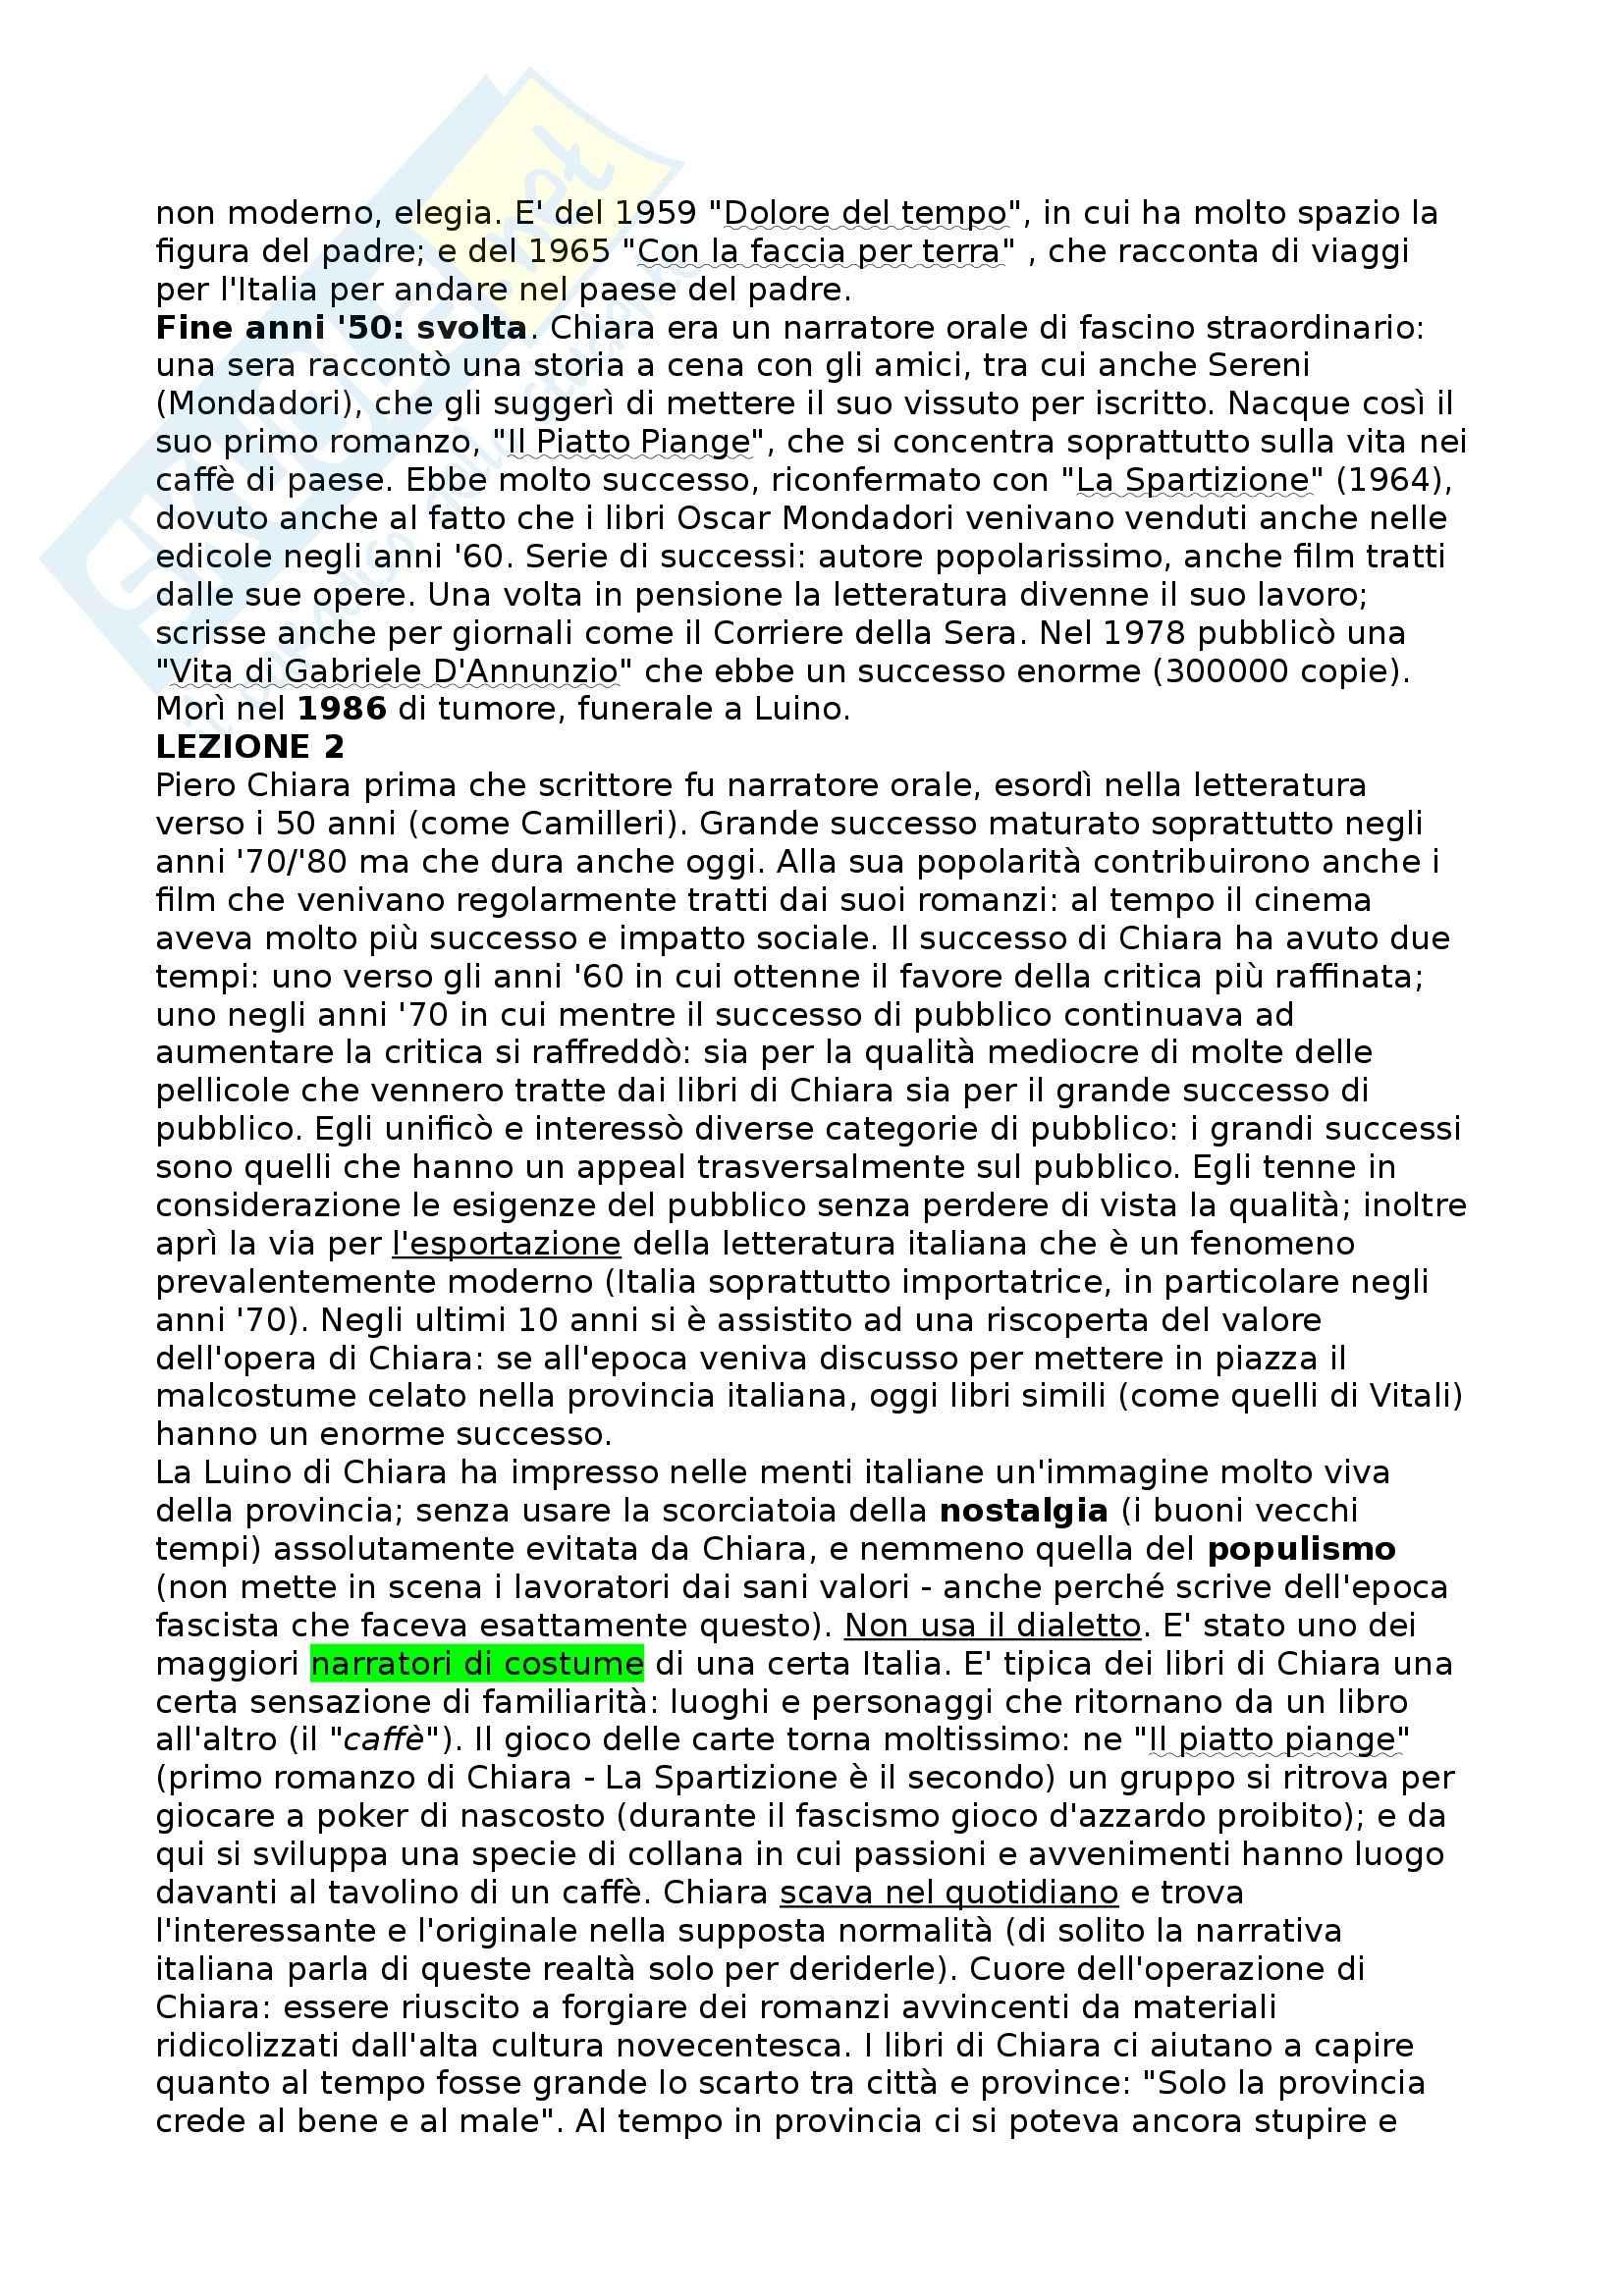 La Spartizione, Chiara - Riassunto commentato, prof. Novelli Pag. 2